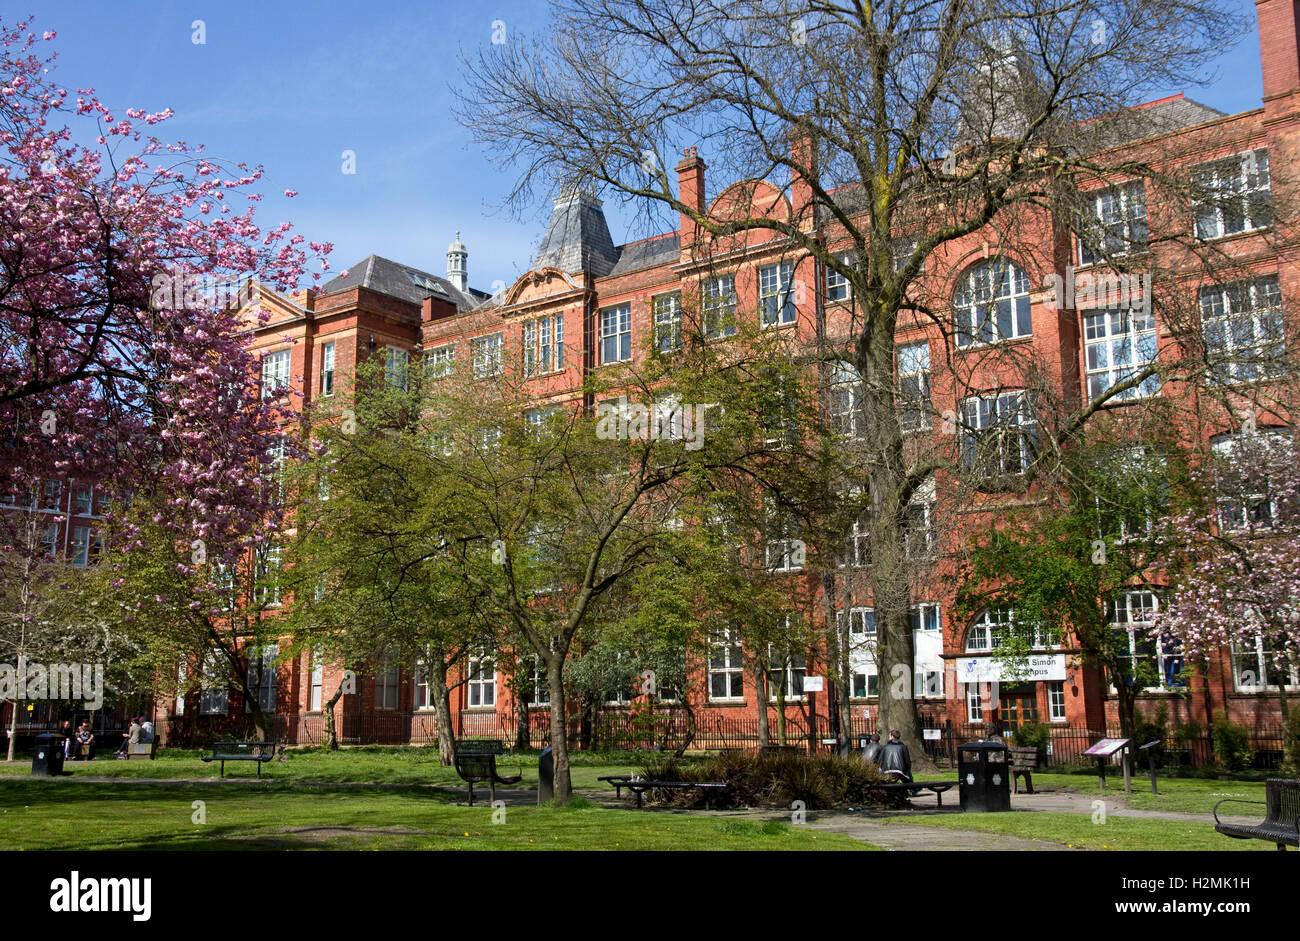 Shena Simon(City) Campus (6th Form Centre), Manchester College,+ ...